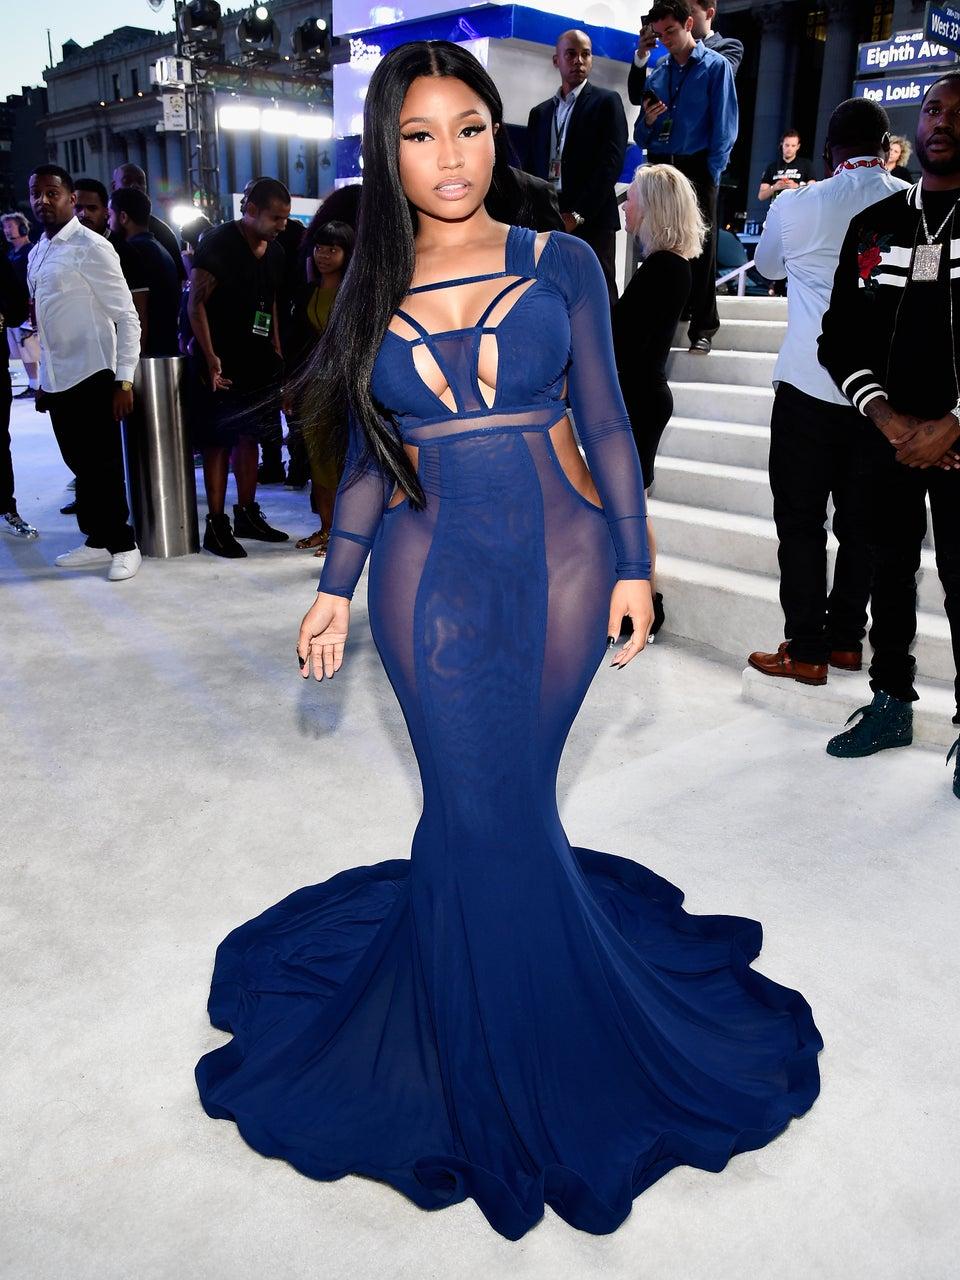 Nicki Minaj Won the VMA Red Carpet in Fab Flowing Navy Gown